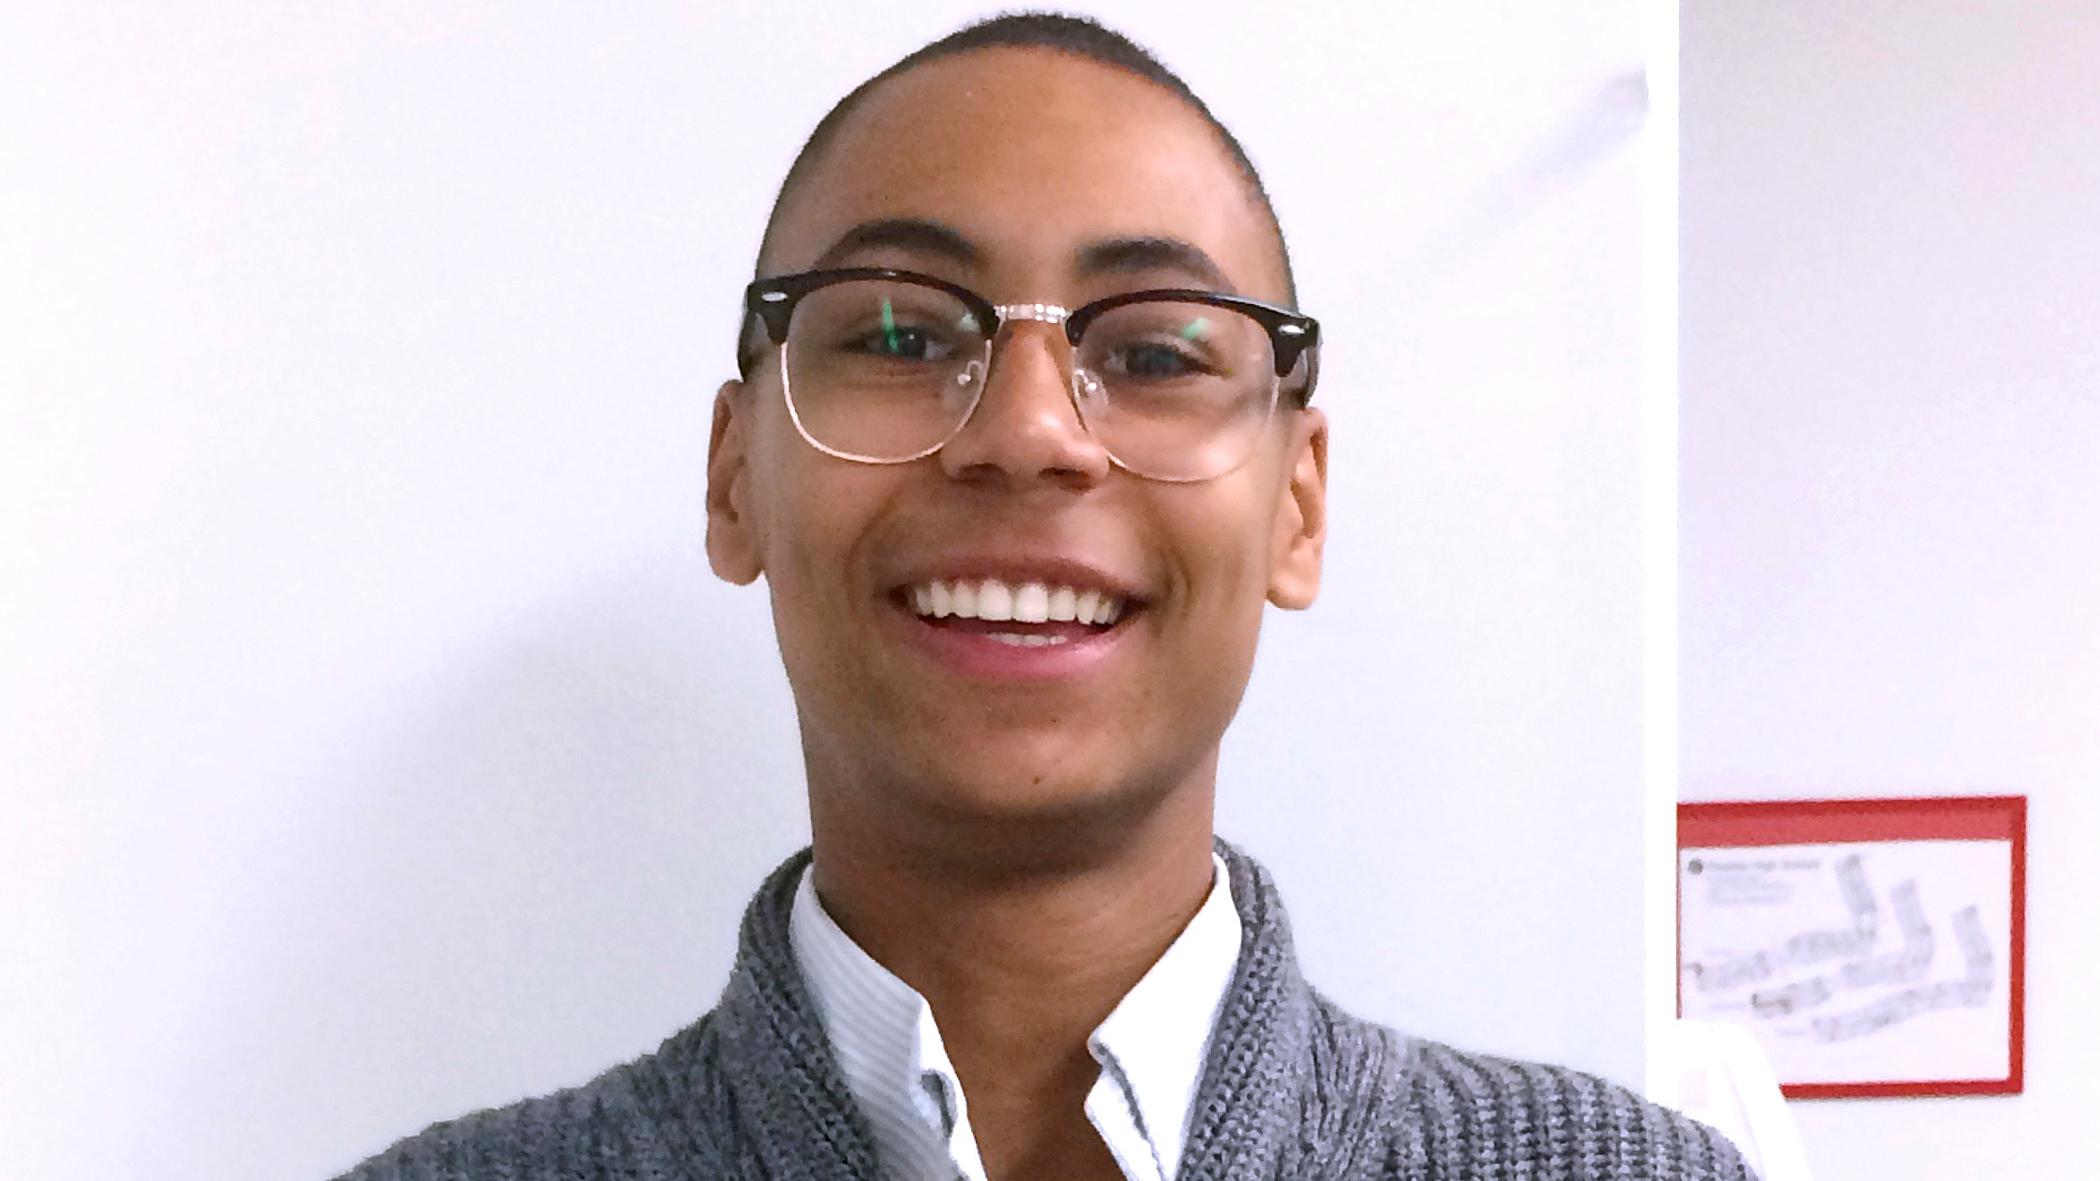 White Privilege Essay Contest